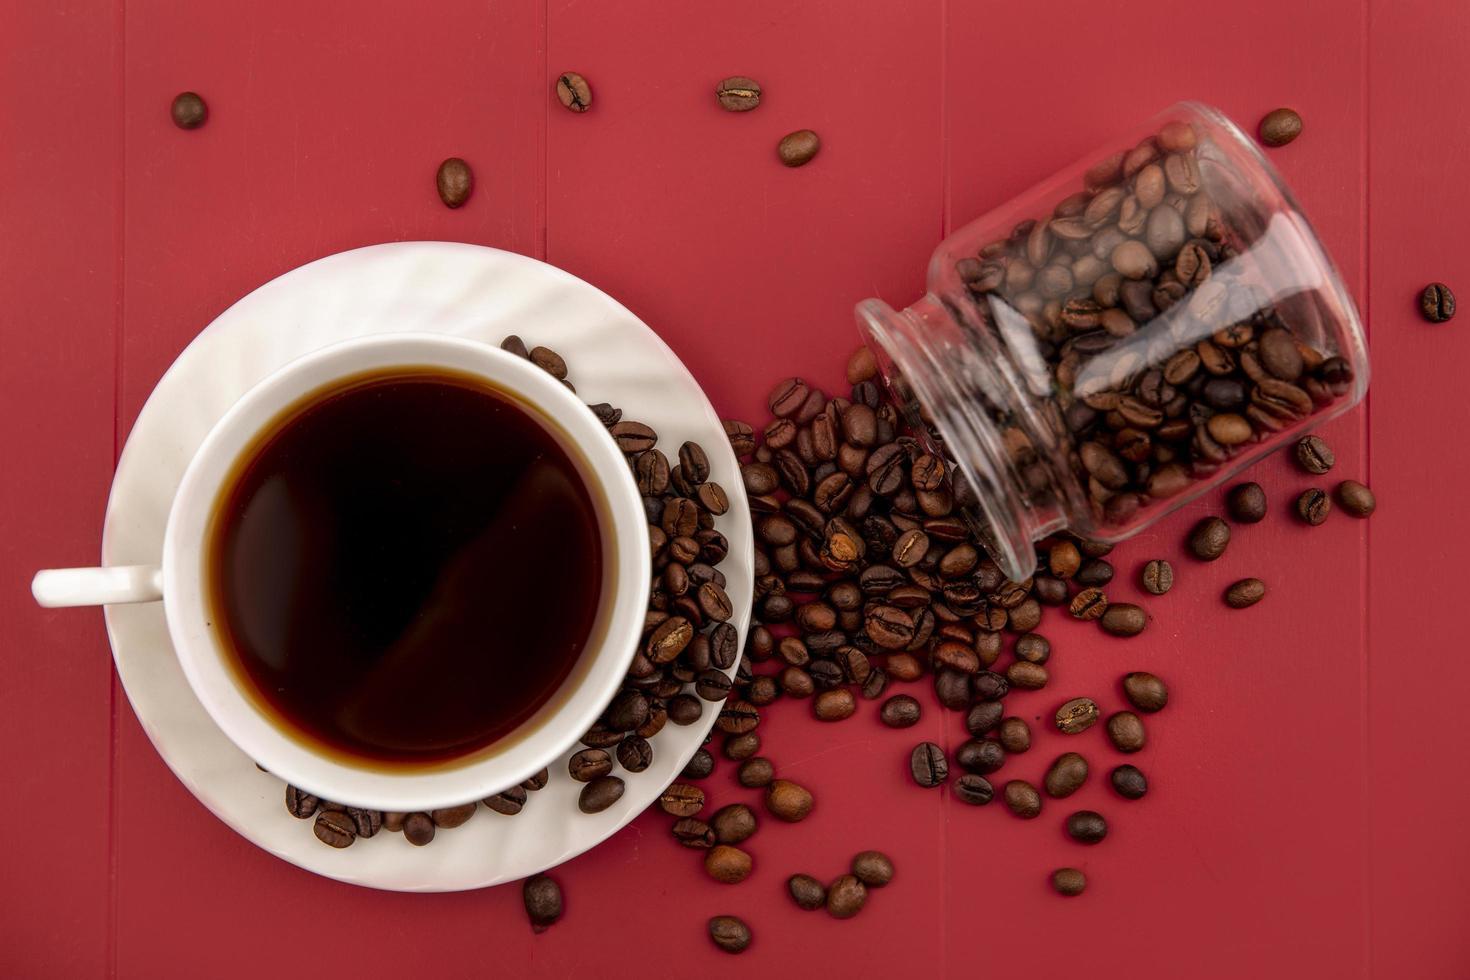 food fotografie plat leggen van een kopje koffie en koffiebonen op rode achtergrond foto